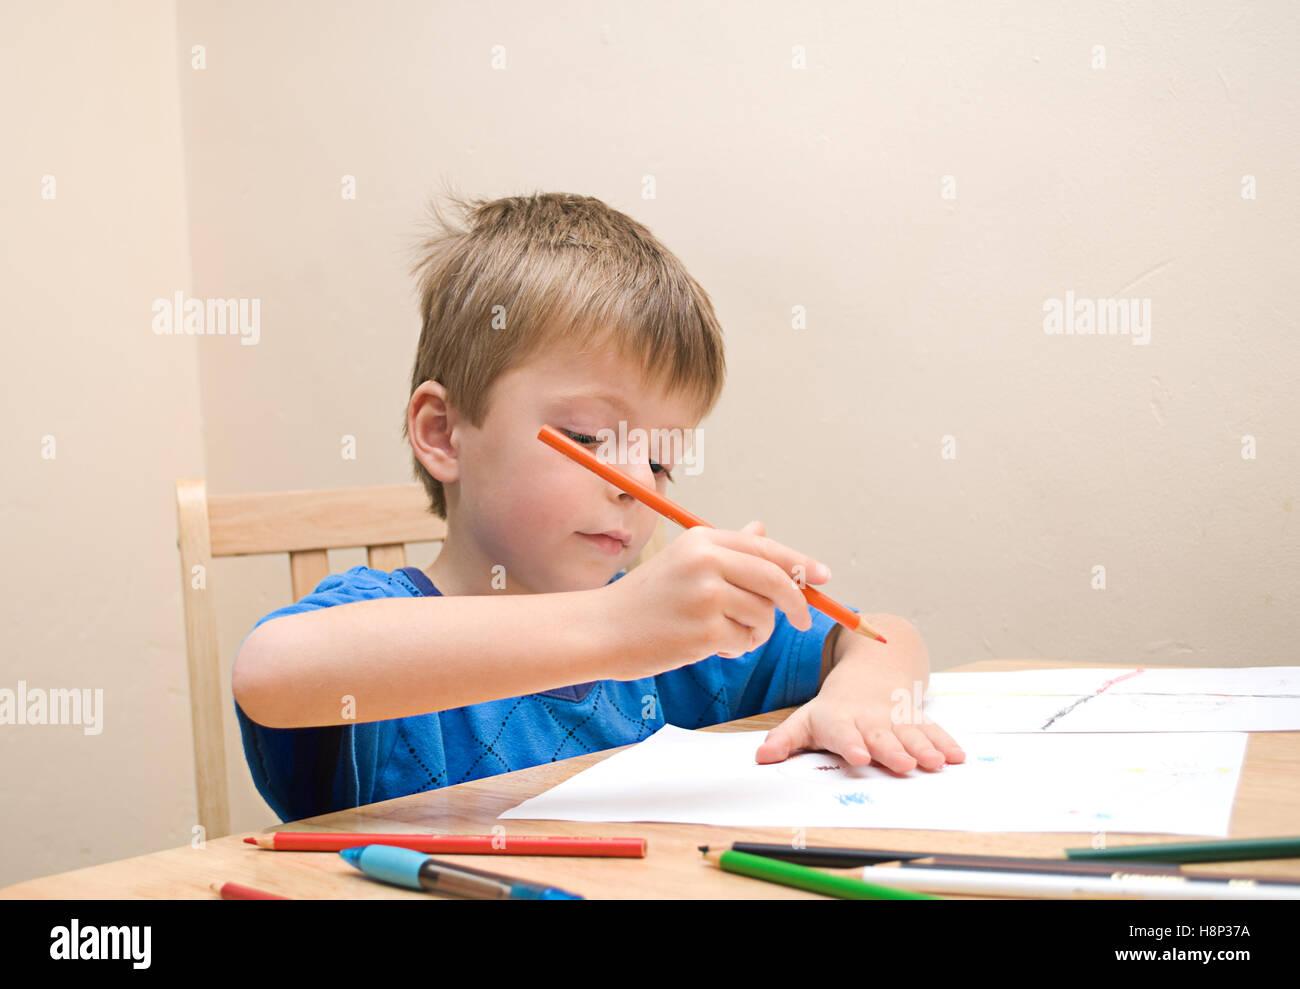 Un piccolo ragazzo di età prescolare si concentra come egli aspira a tavola in casa di famiglia. Immagini Stock